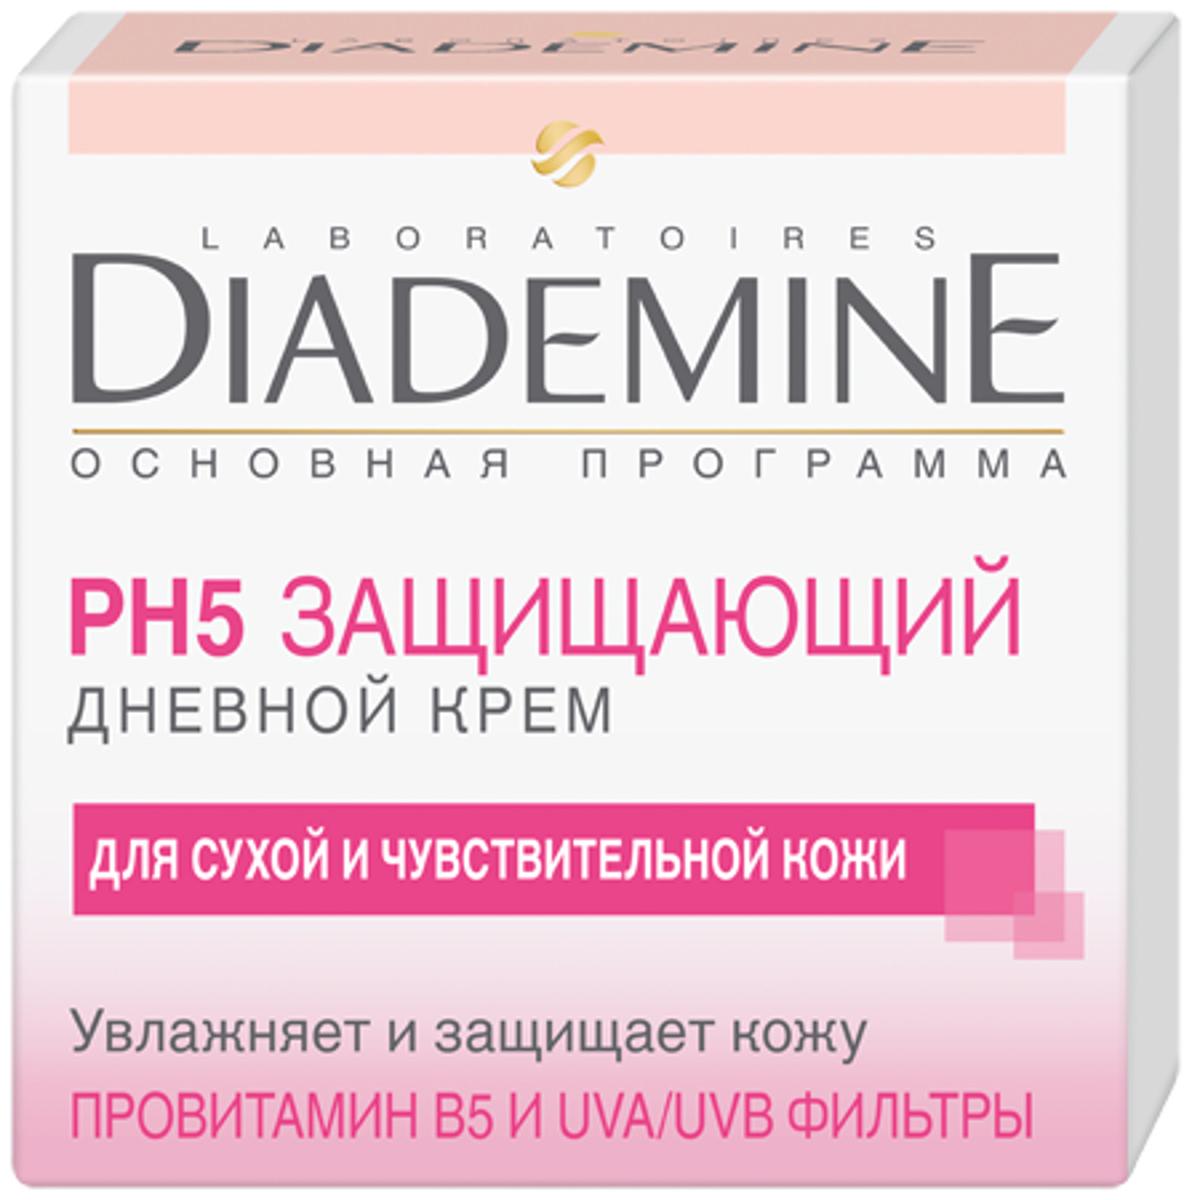 Diademine Крем для лица, защищающий, дневной, для сухой и чувствительной кожи, 50 мл diademine крем для лица ночной lift питание от морщин 50 мл